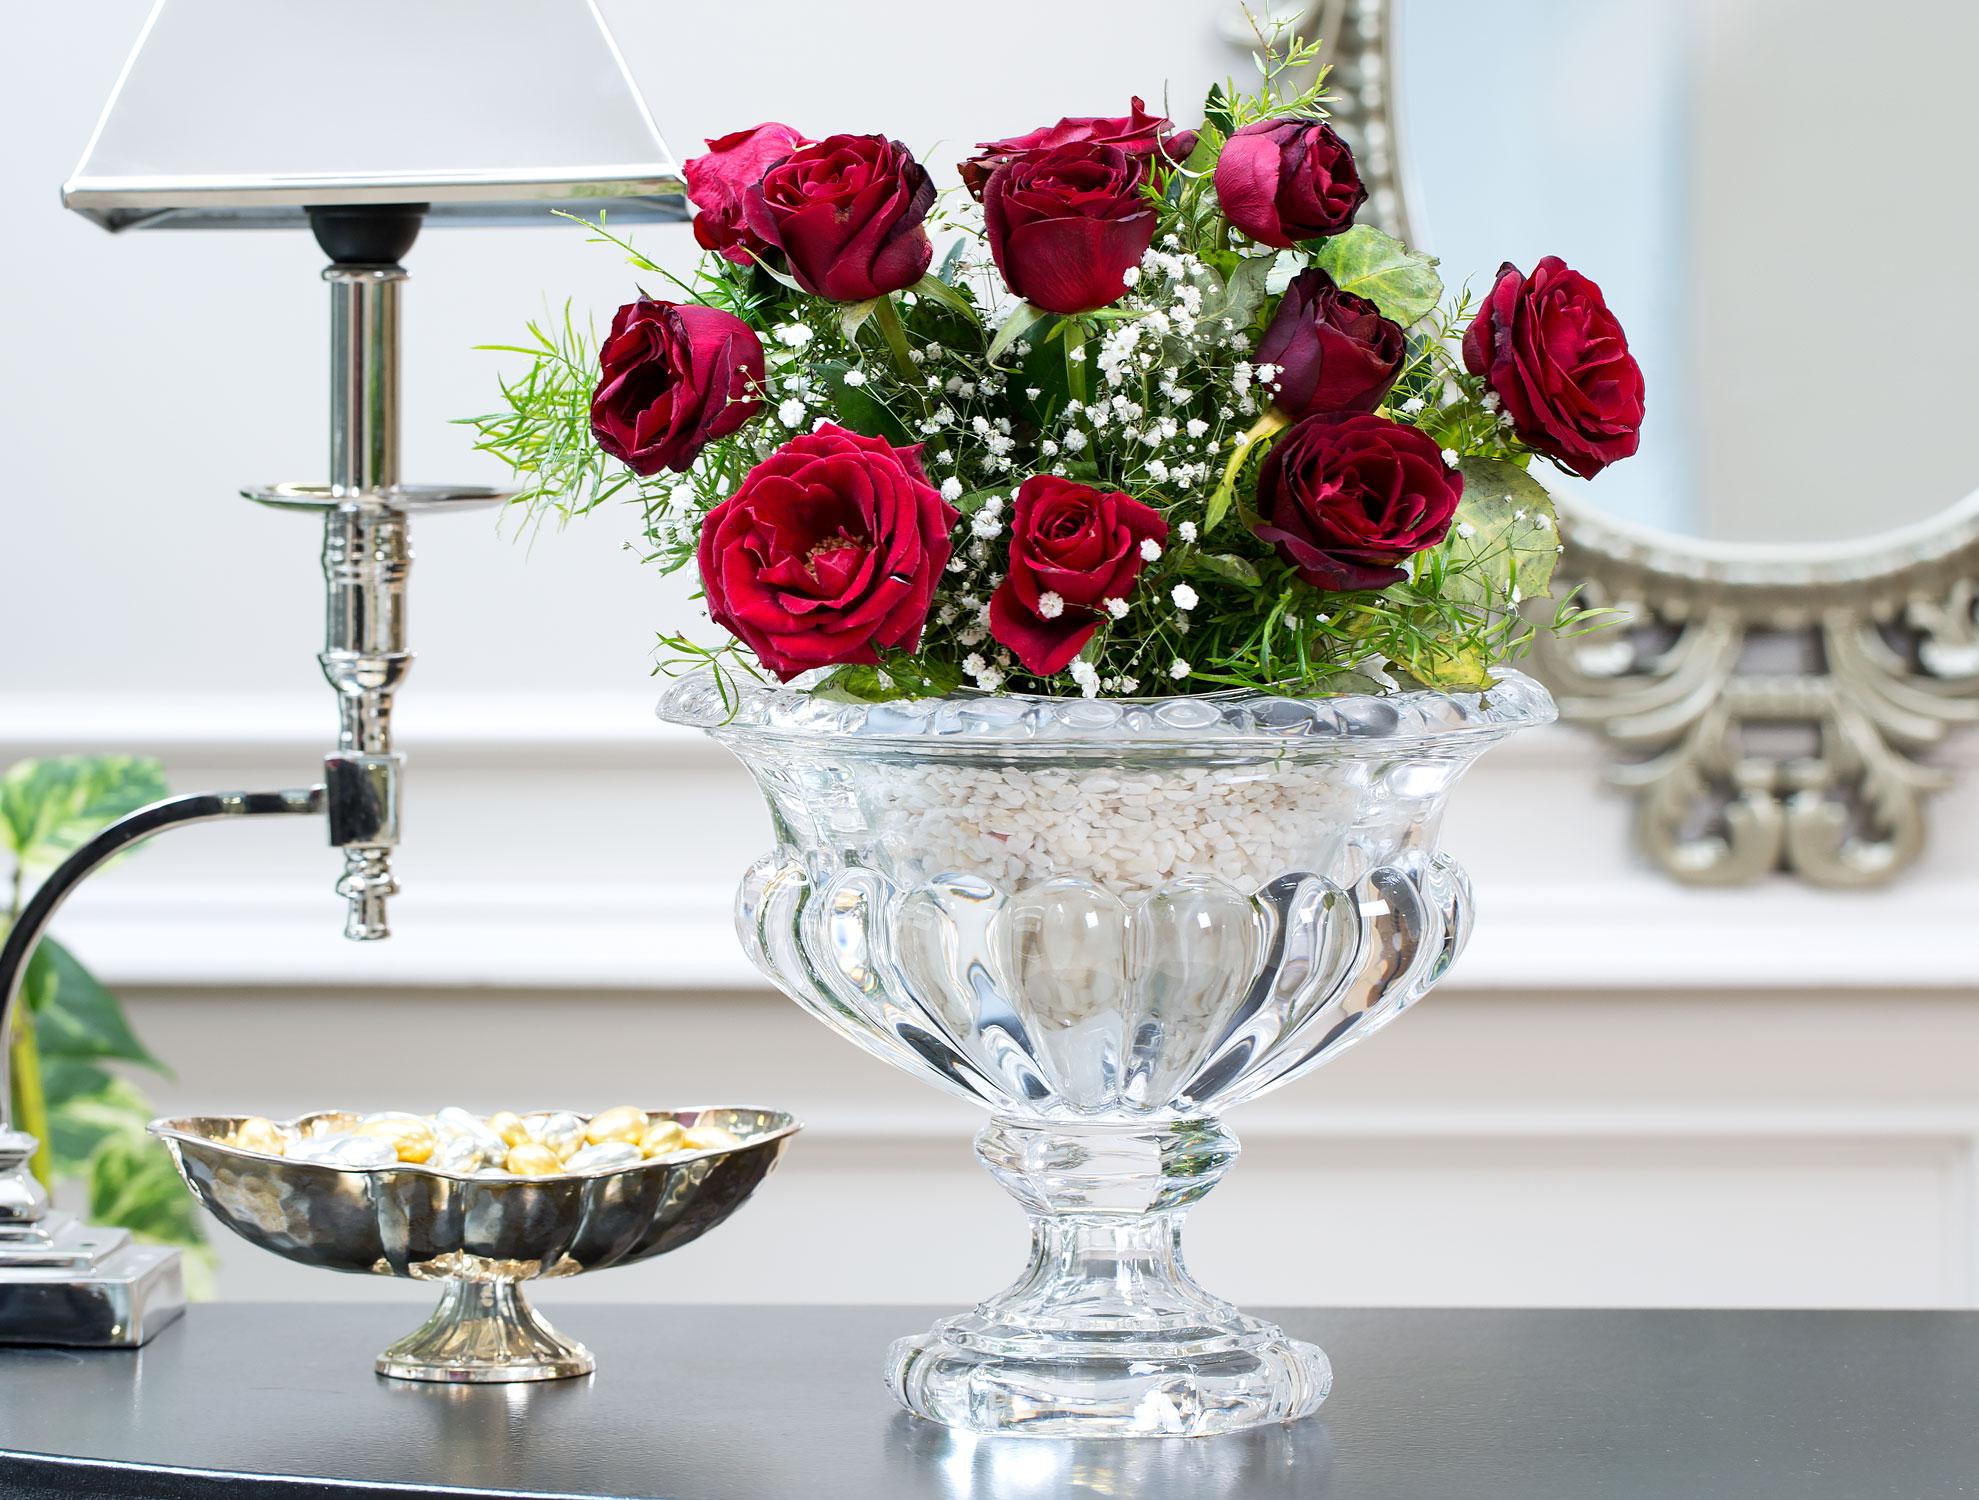 кто букеты цветов в хрустальной вазе фото орех